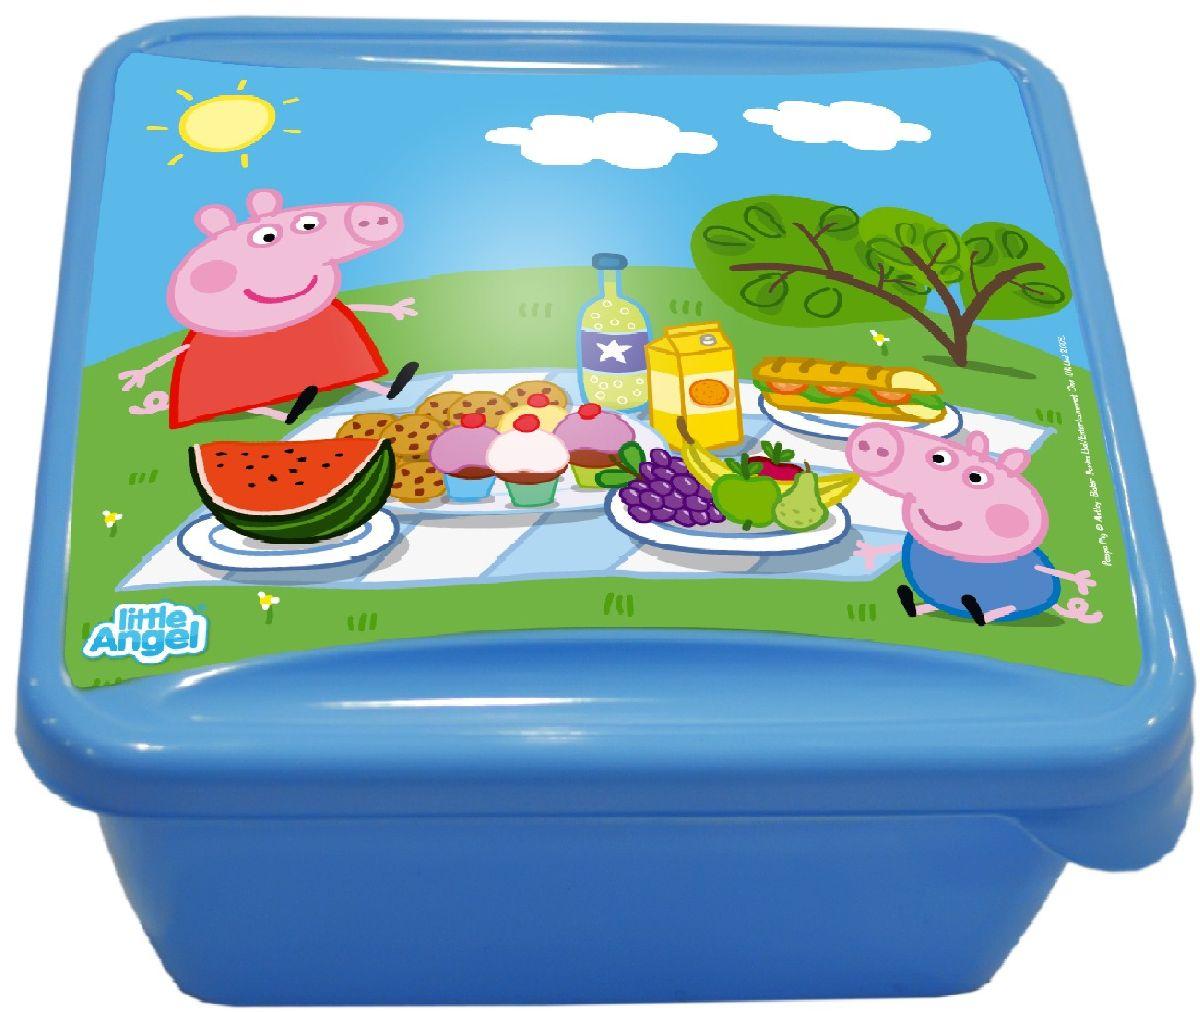 Ланч-бокс Little Angel Mini. Свинка Пеппа, цвет: голубой, 0,45 лLA1055ГЛНаш универсальный ланч-бокс можно использовать как для хранения пищи в холодильнике, так и для того, чтобы брать с собой перекус на работу, в школу, на прогулку. Плотная защелка предотвратит ланч-бокс от открывания.